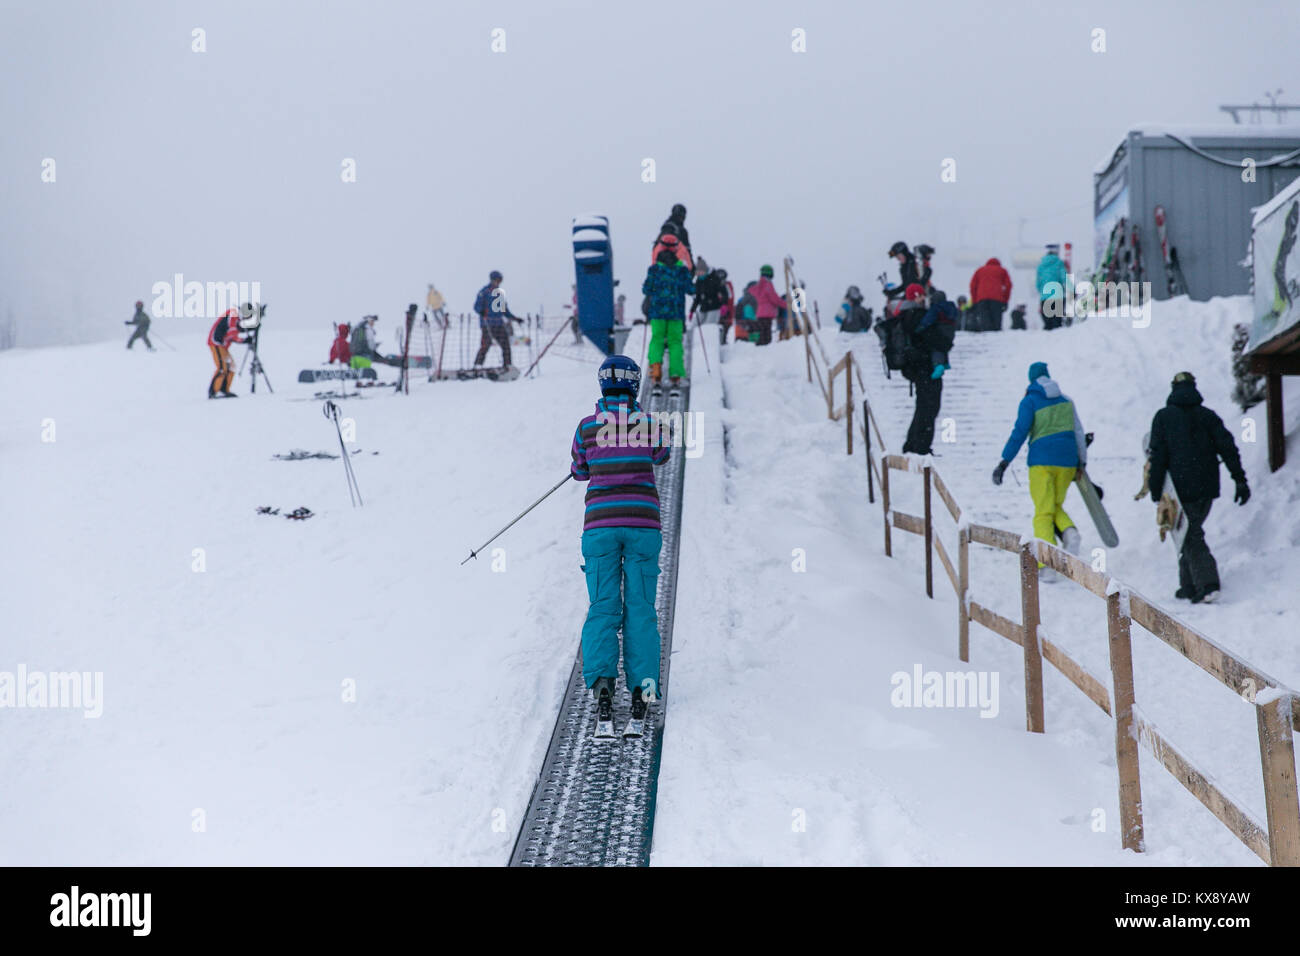 Skifahrer auf einem Band Skilift auf dem Weg in die zweite Etappe der Sessellift bringt Touristen auf den Gipfel des Berges in Szczyrk Skrzyczne, Polen Stockfoto